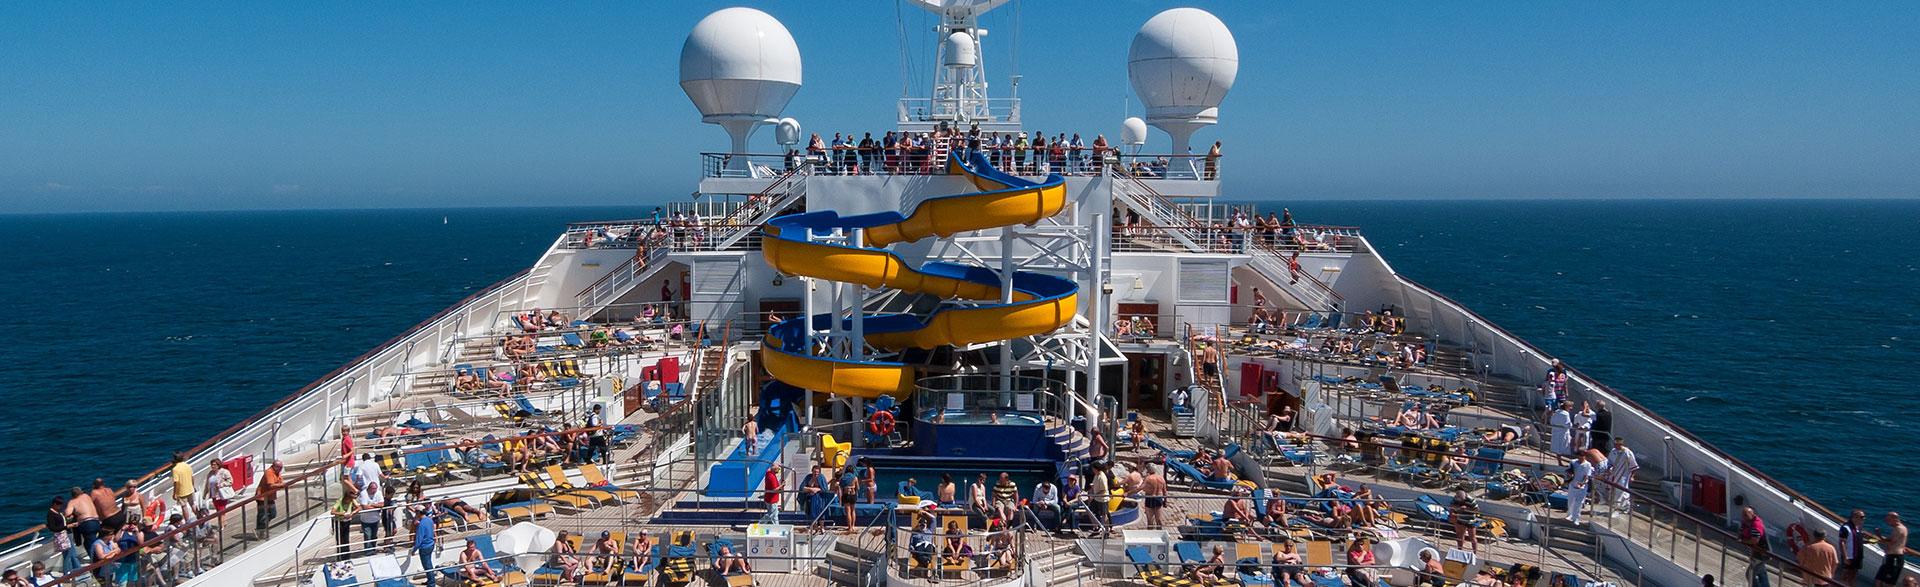 Cruceros organizados para singles